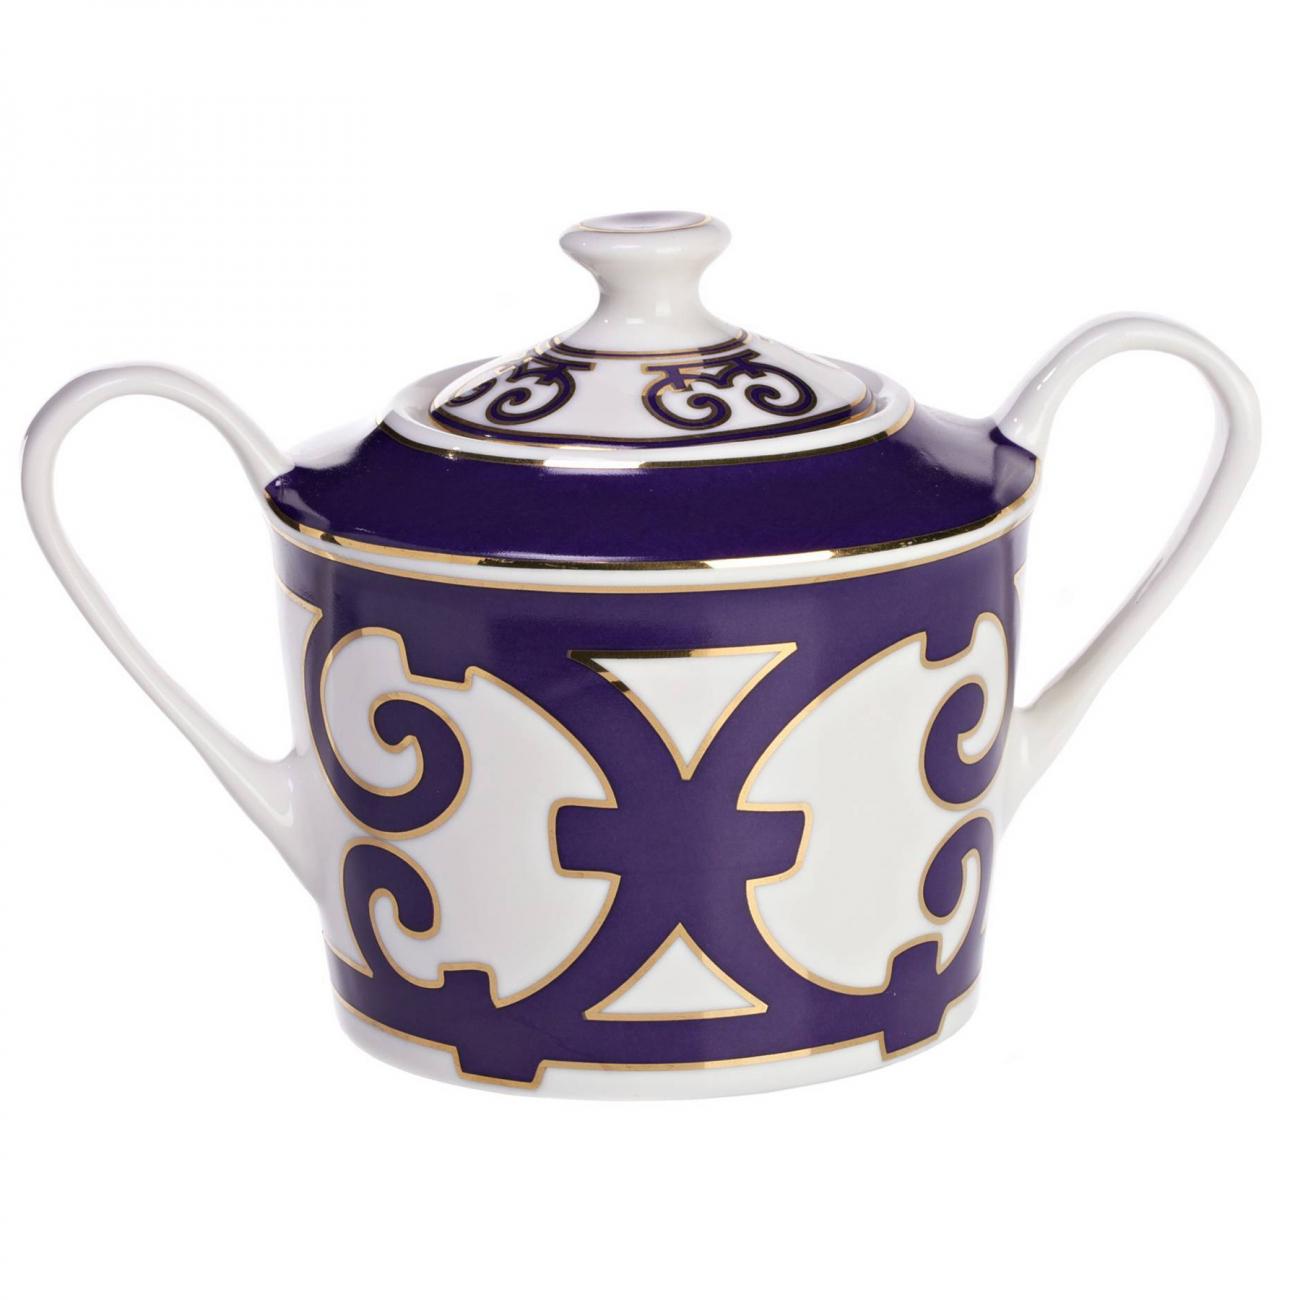 Купить Сахарница Violet Dreams в интернет магазине дизайнерской мебели и аксессуаров для дома и дачи